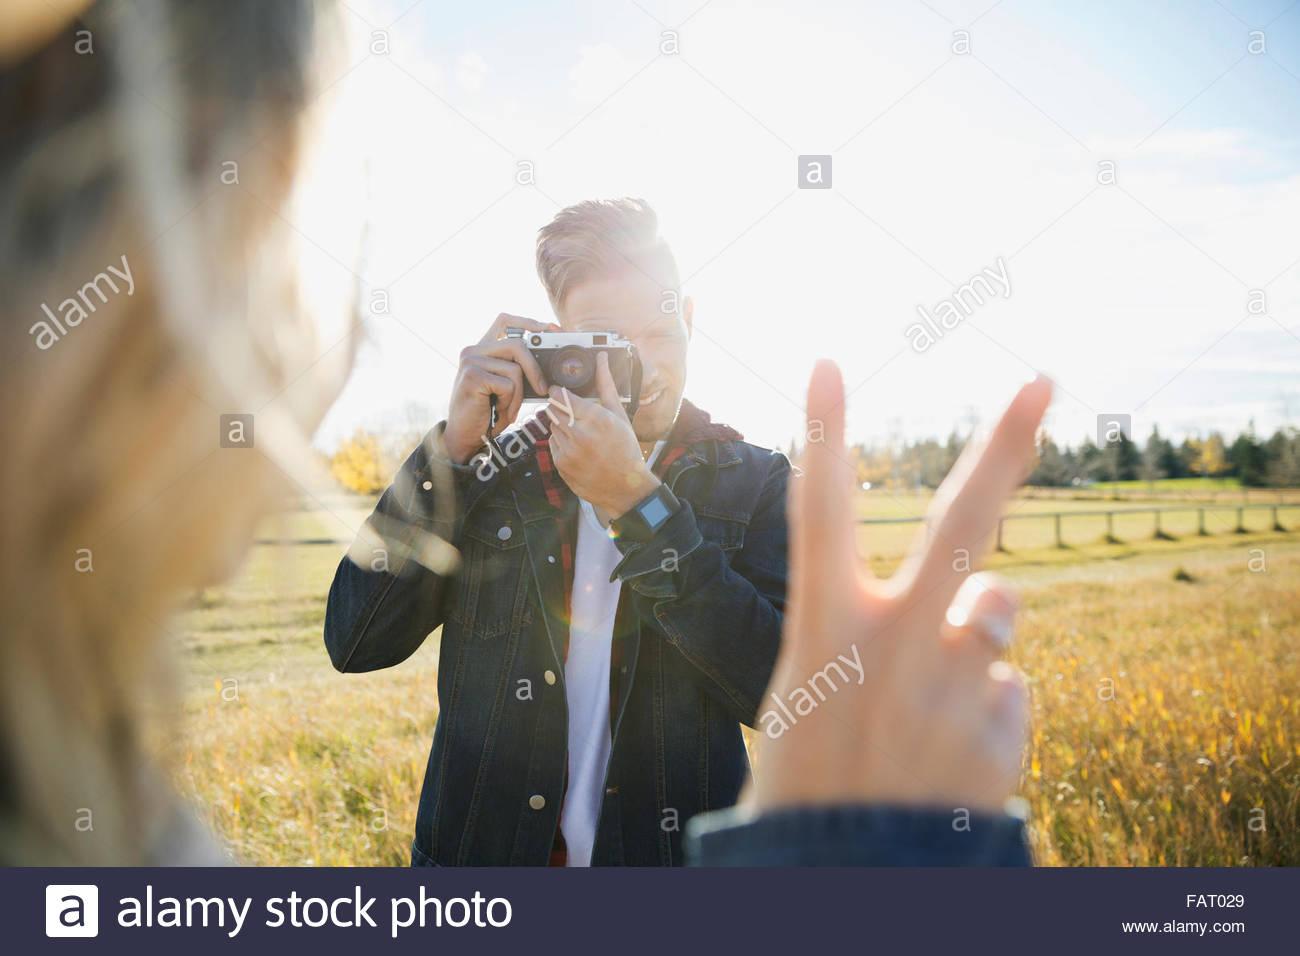 Fotografiar joven novia gesticulando signo de paz Imagen De Stock